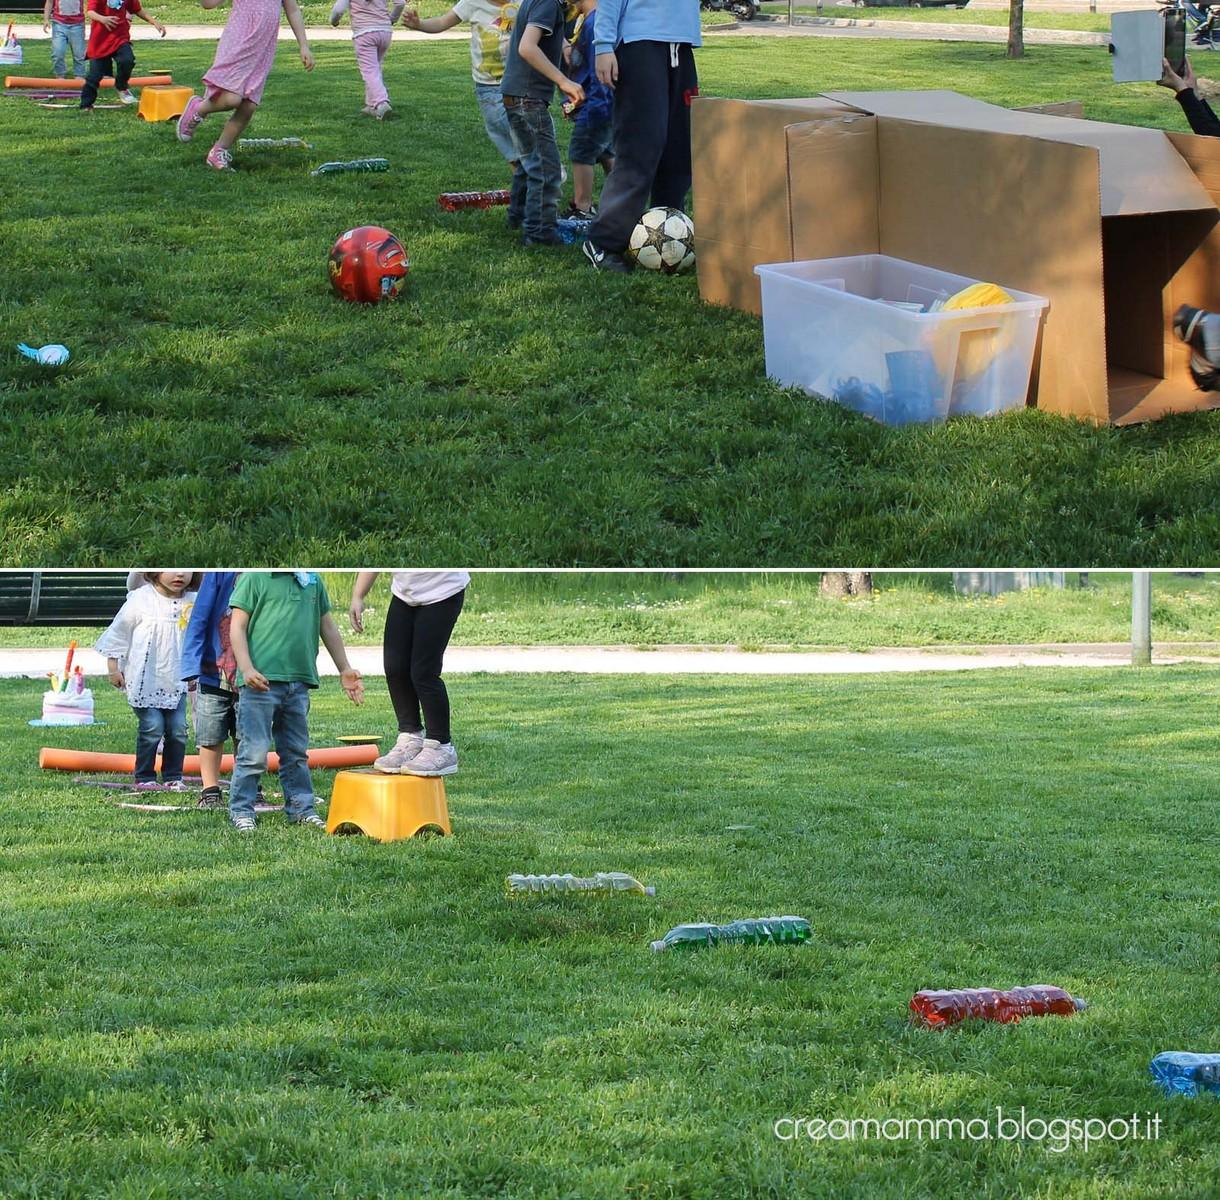 Fabuleux Diario di una Creamamma: Festa di compleanno al parco - resoconto  LK08